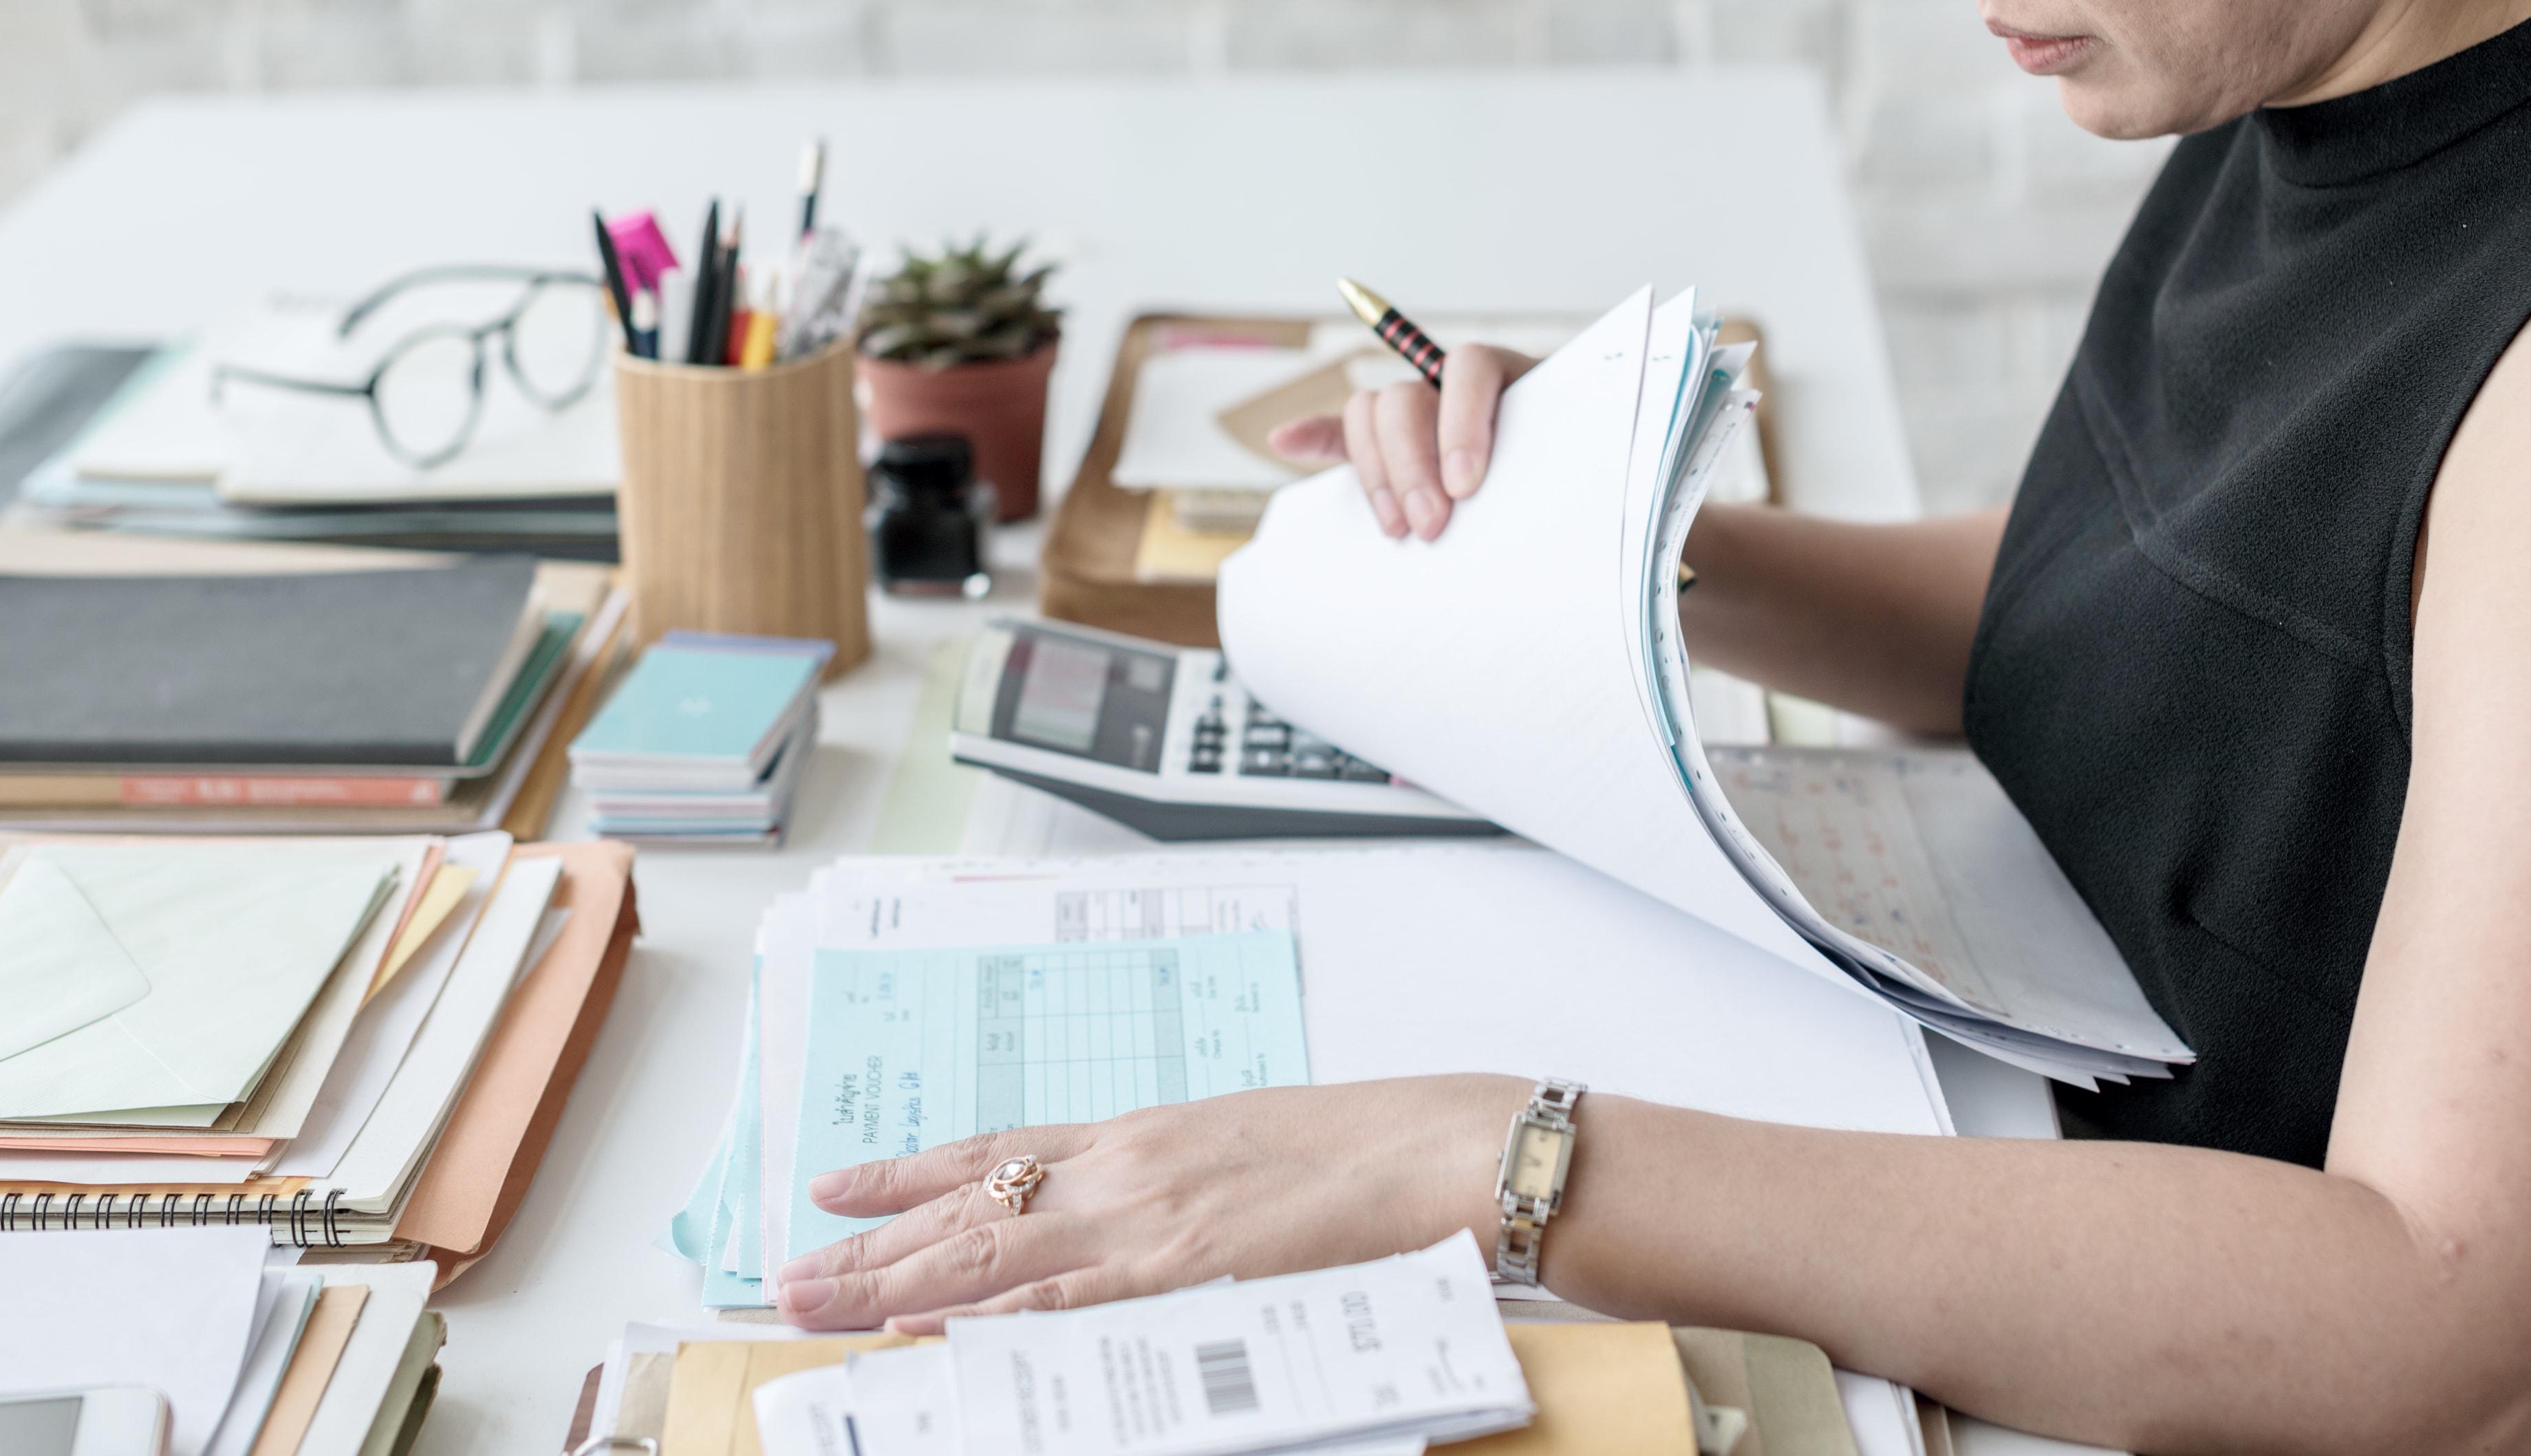 Umsatzsteuervoranmeldung 2021 – So hilft der Steuerberater